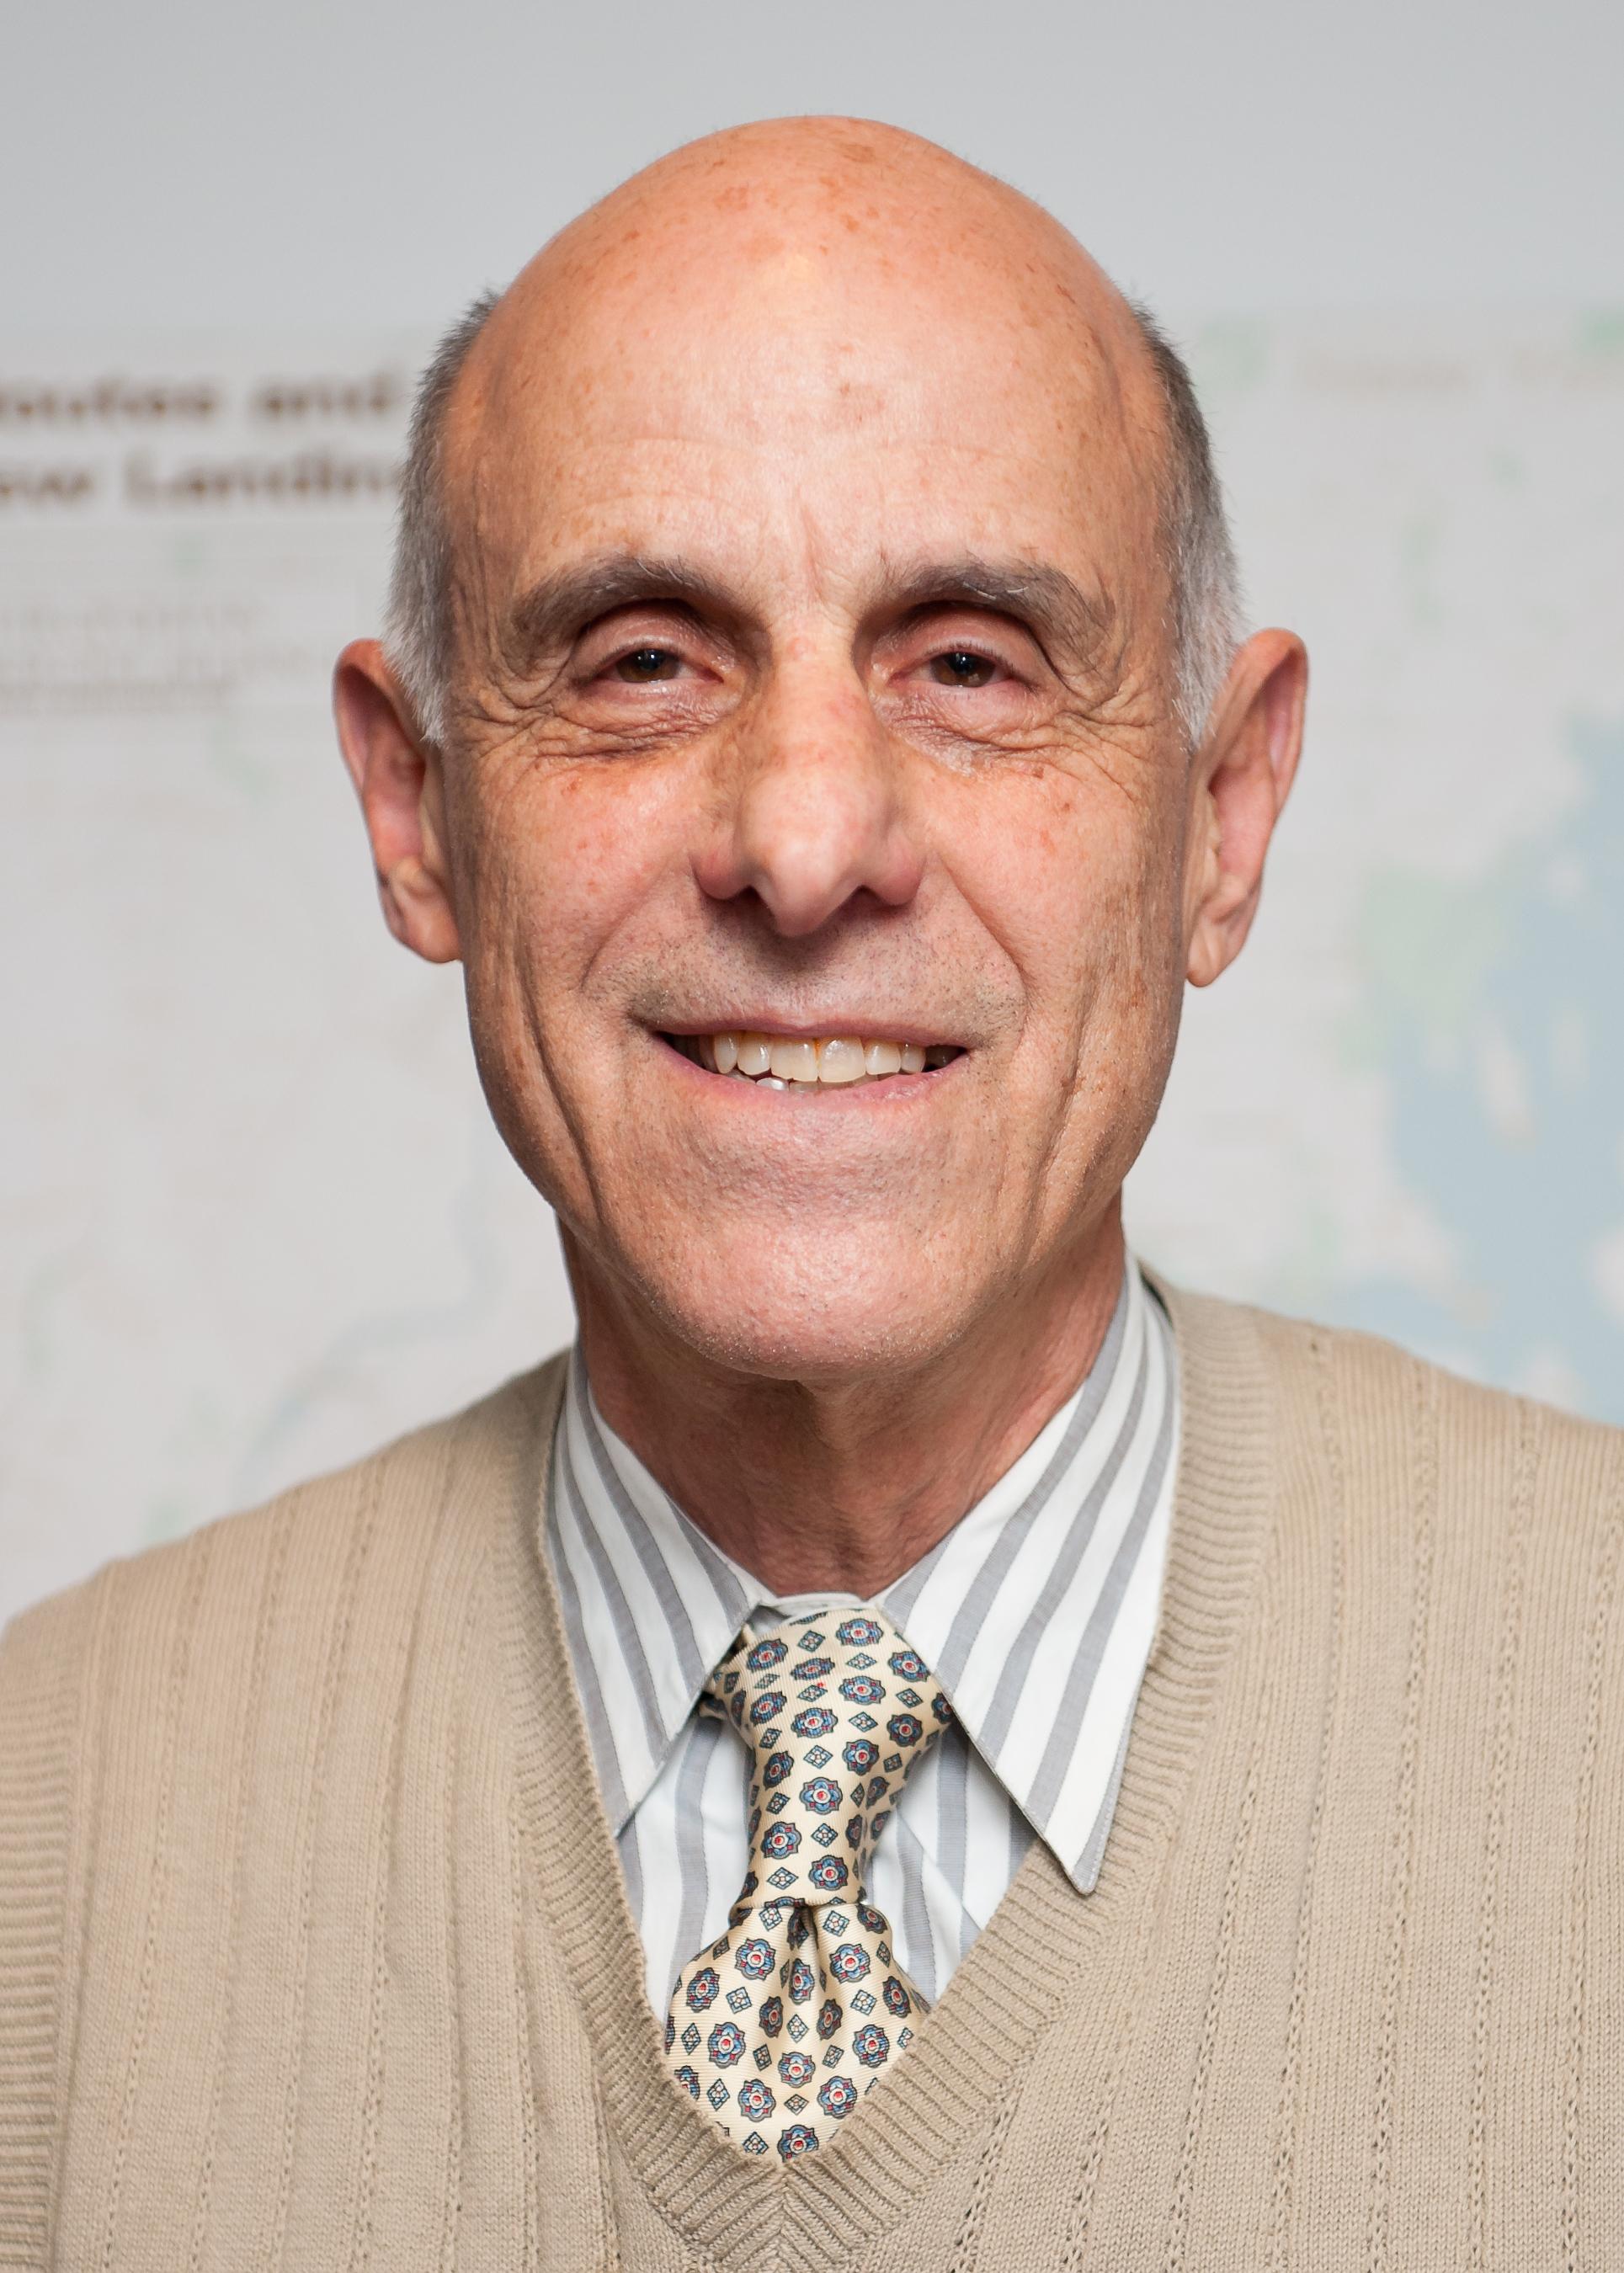 Louis Kleinman